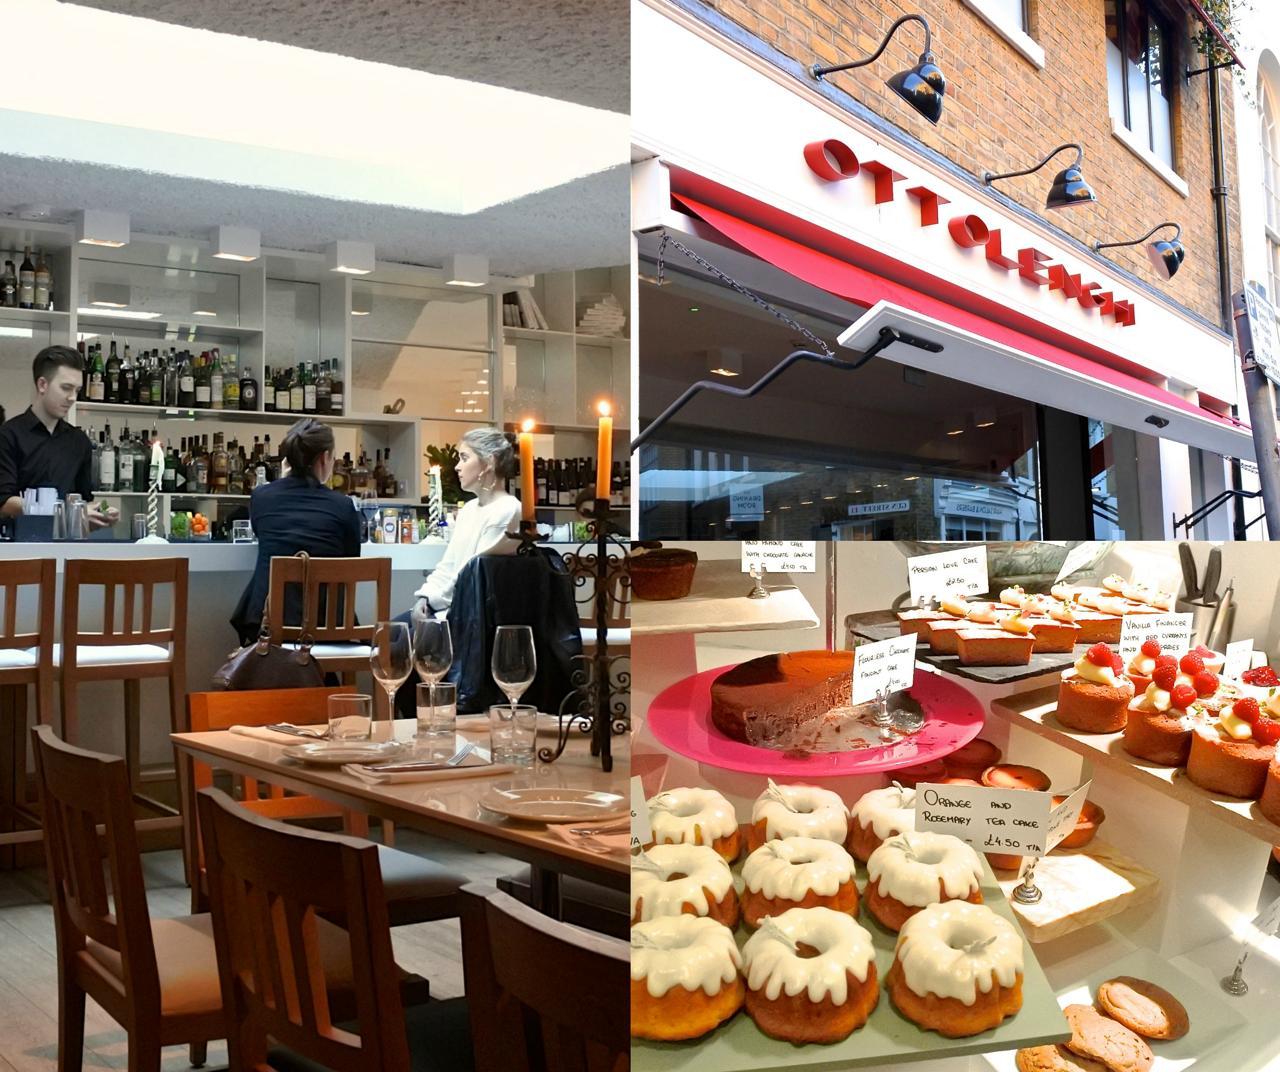 東ロンドンの店らしくバーが併設され、オリジナルのカクテル類を楽しめます☆